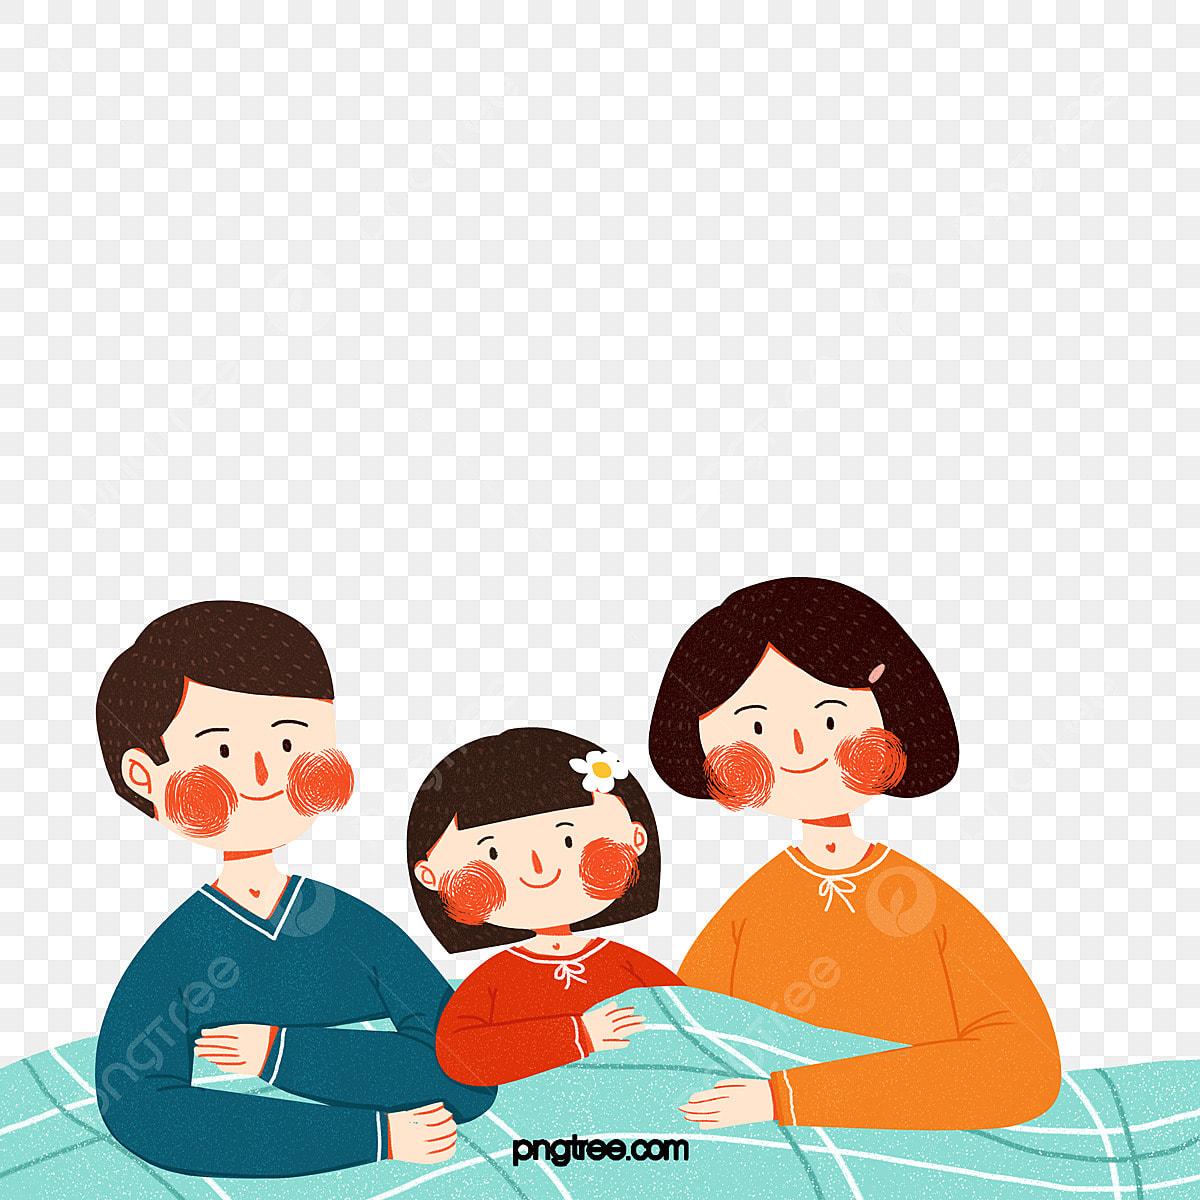 Gambar Ibu Dan Ayah Kartun Duduk Di Atas Katil Ayah Ibu Kanak Kanak Png Dan Psd Untuk Muat Turun Percuma